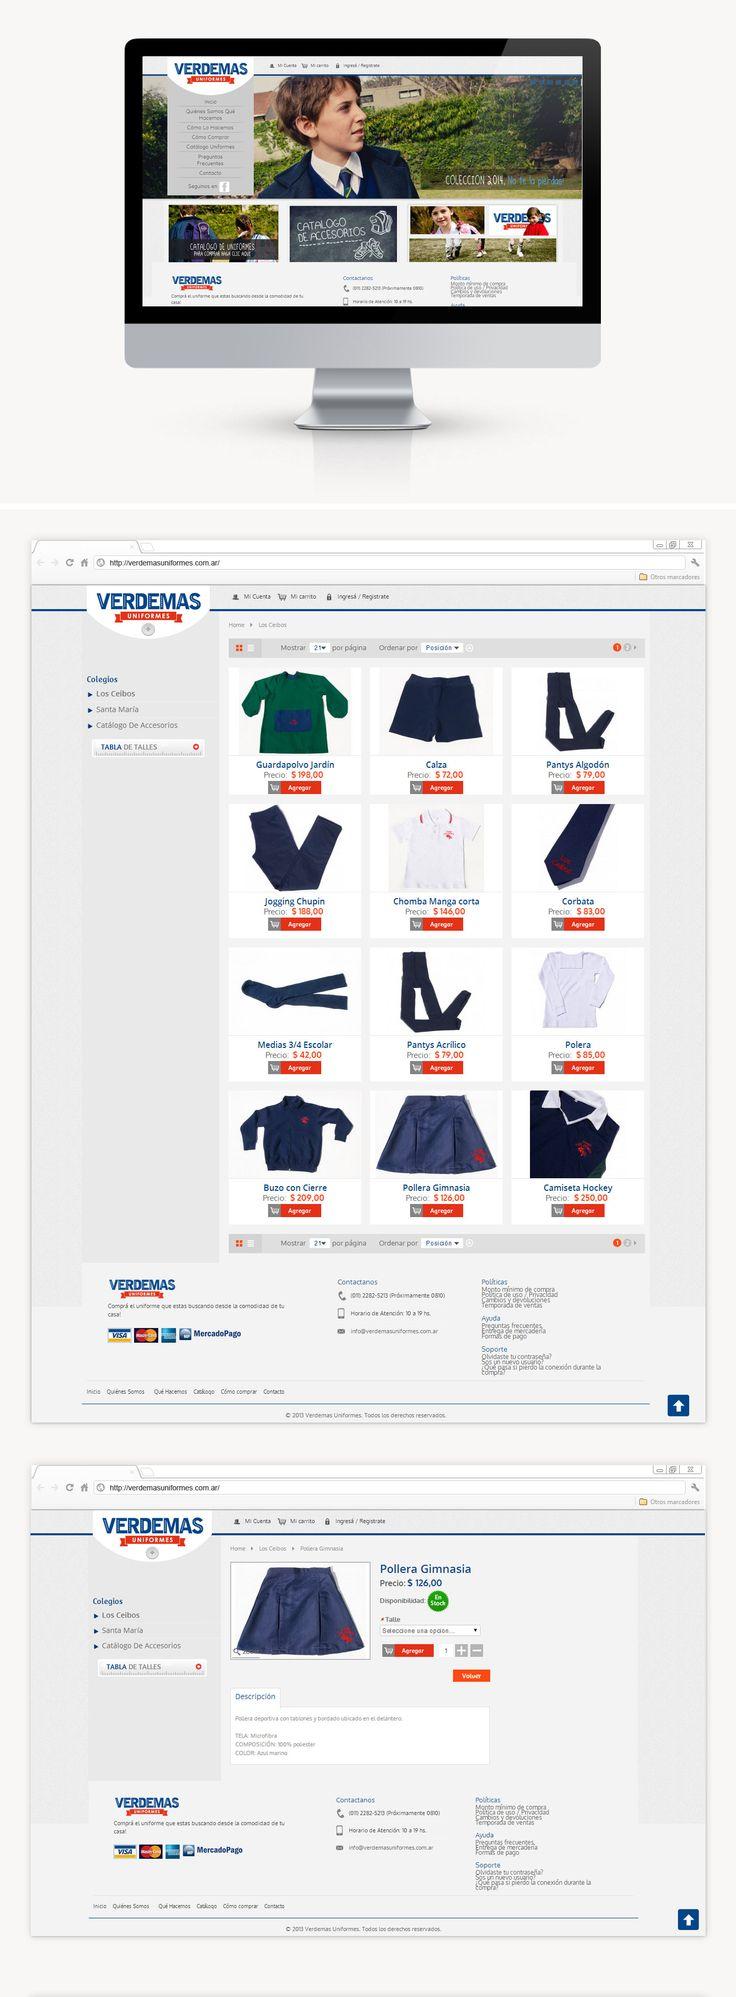 Diseñamos la web e implementamos un carrito de compras para poder comprar sus productos online. Periódicamente hacemos mantenimiento del sistema, agregando o quitando utilidades.